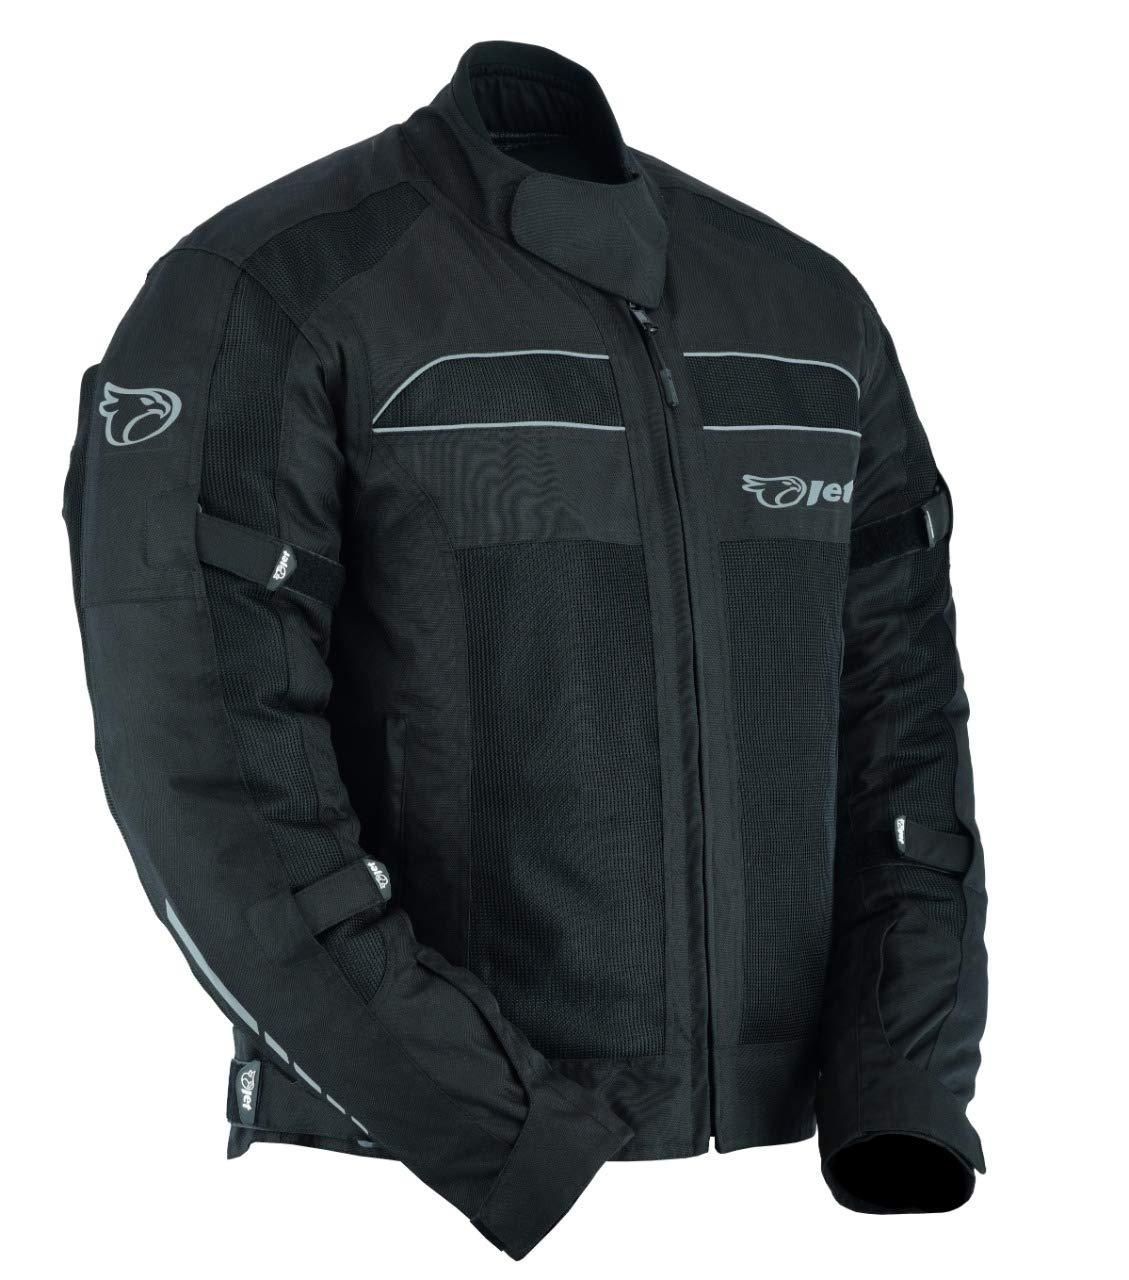 Noir, 2XL EU 54-56 JET Blouson Moto Veste /Ét/é avec Armure de Mailles Air Flow Colt